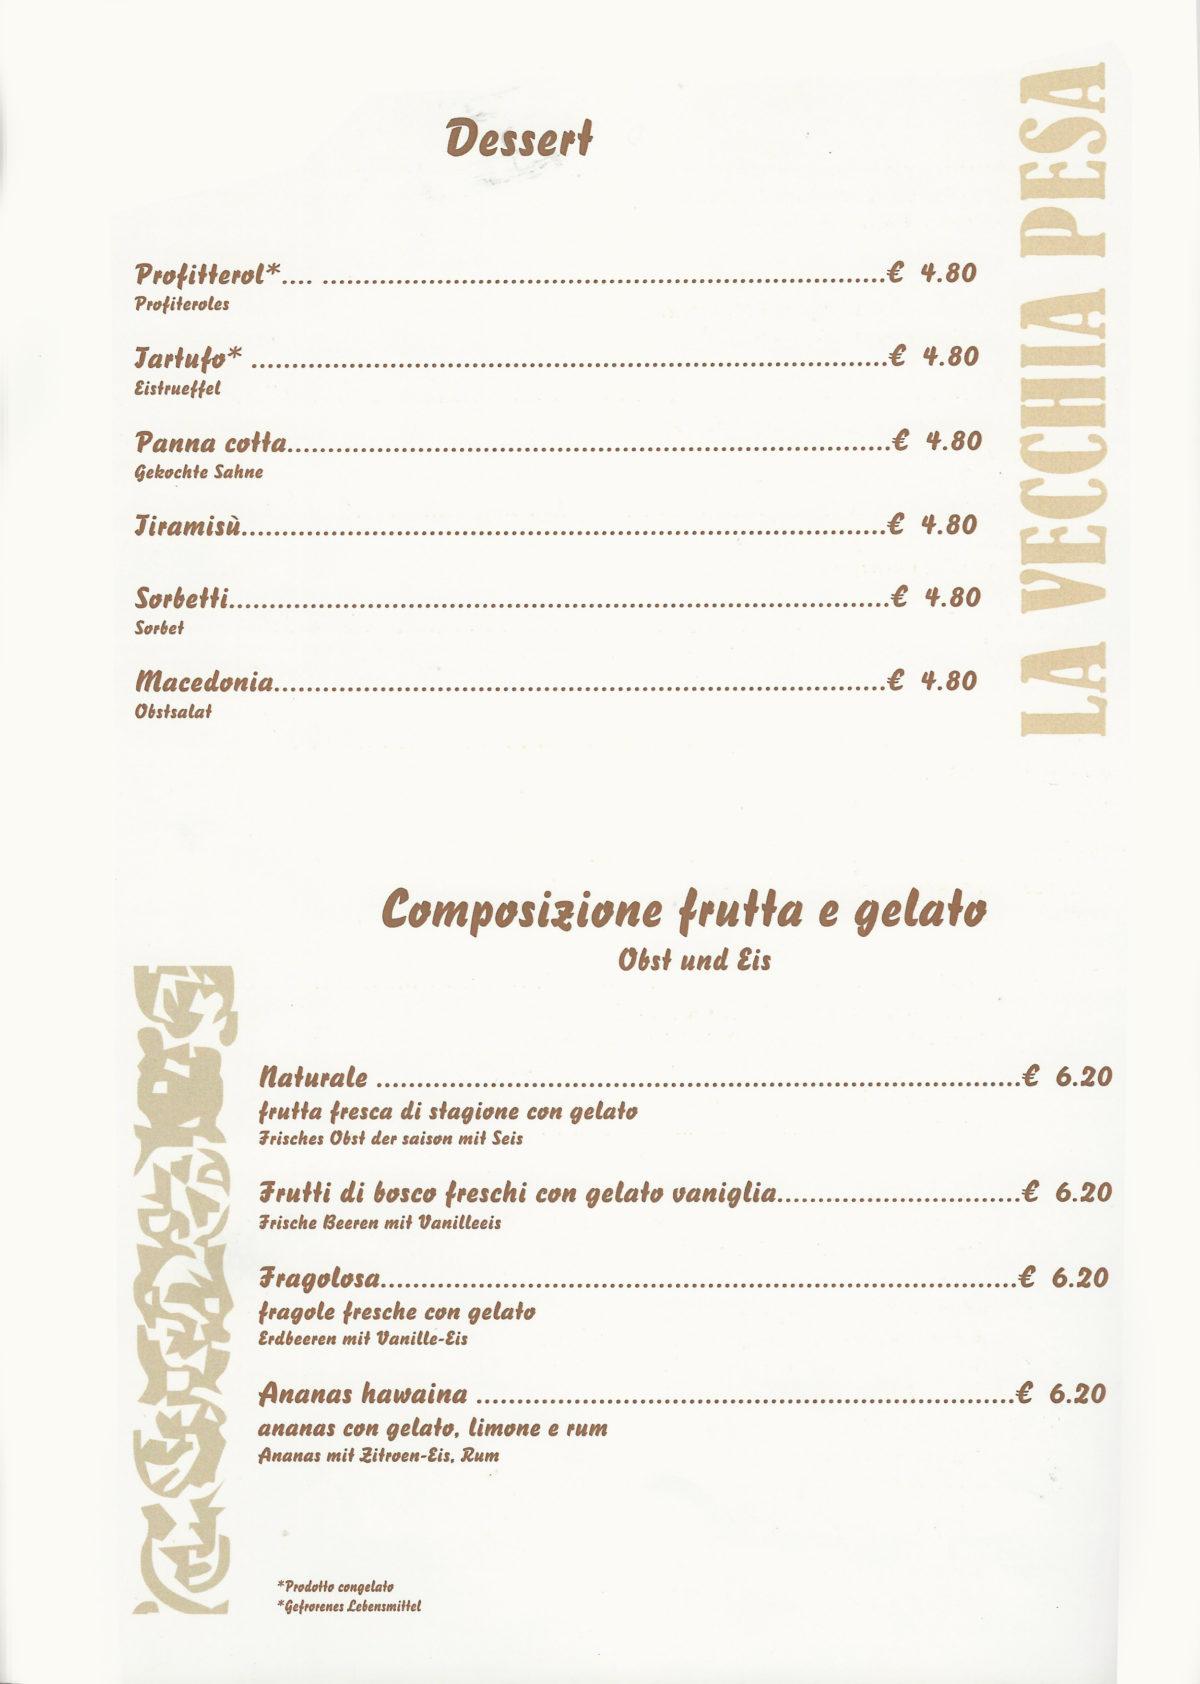 Dessert frutta e gelato Luino